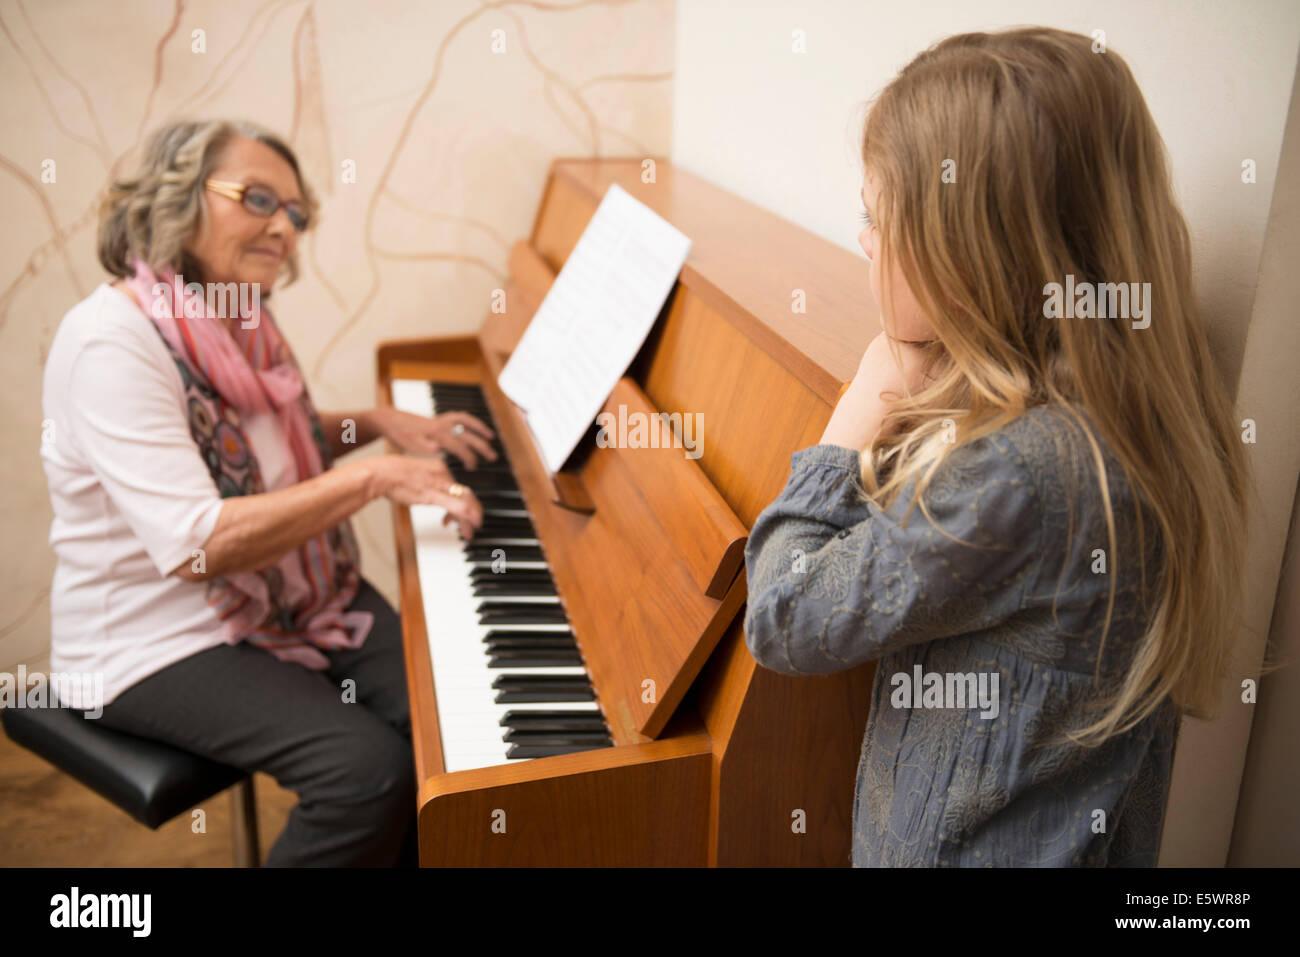 Enkelin beobachten Großmutter spielt Klavier Stockbild